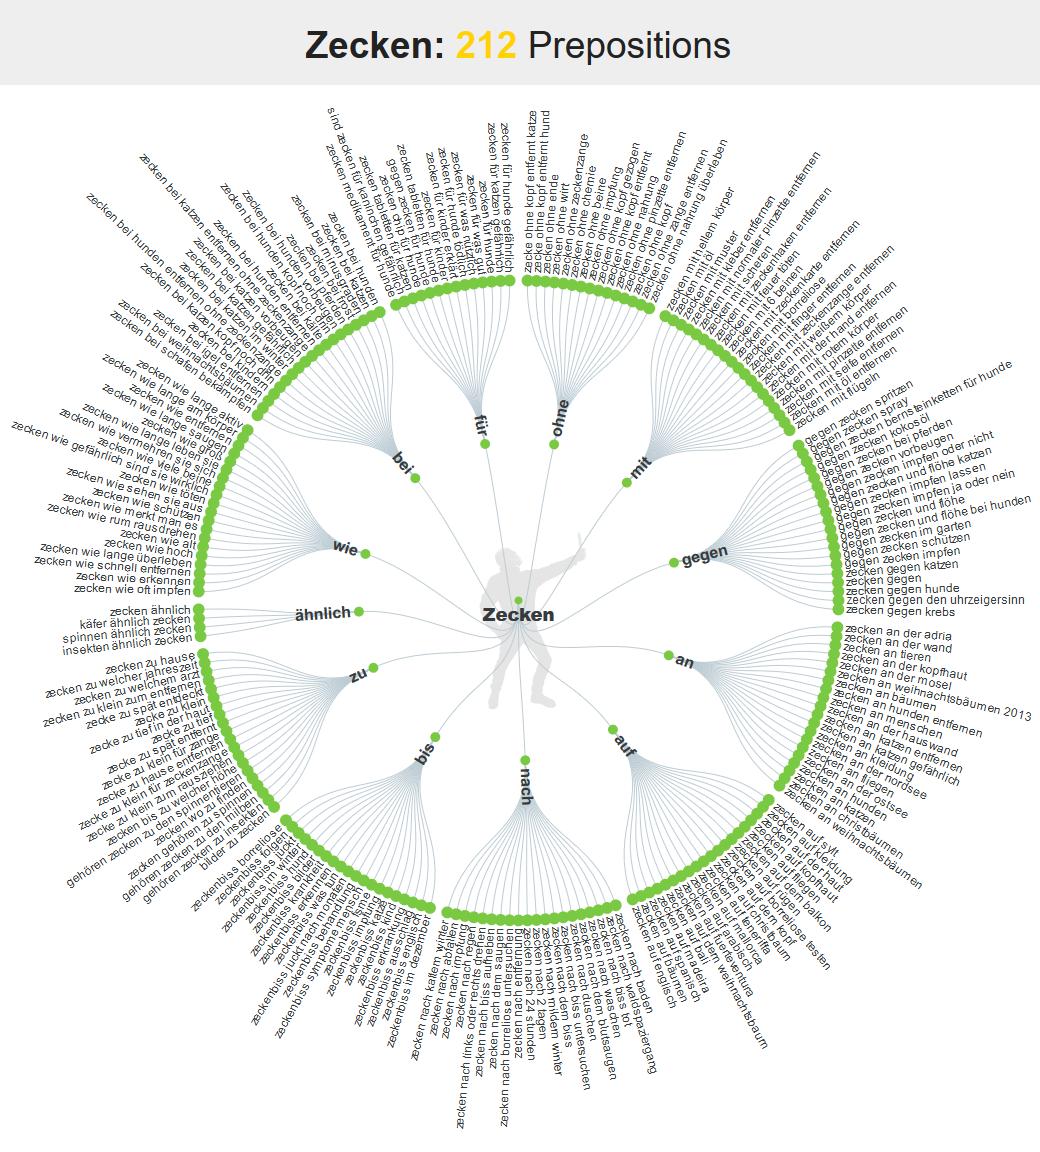 """Online-Pressemitteilungen in der Gesundheitsbranche: Suche nach Keywordphrasen mit Answerthepublic. Das Tool wirft zum Suchbegriff """"Zecken"""" 212 Prepositionen aus mit Keywordkombinationen, nach denen im Internet gesucht wird."""